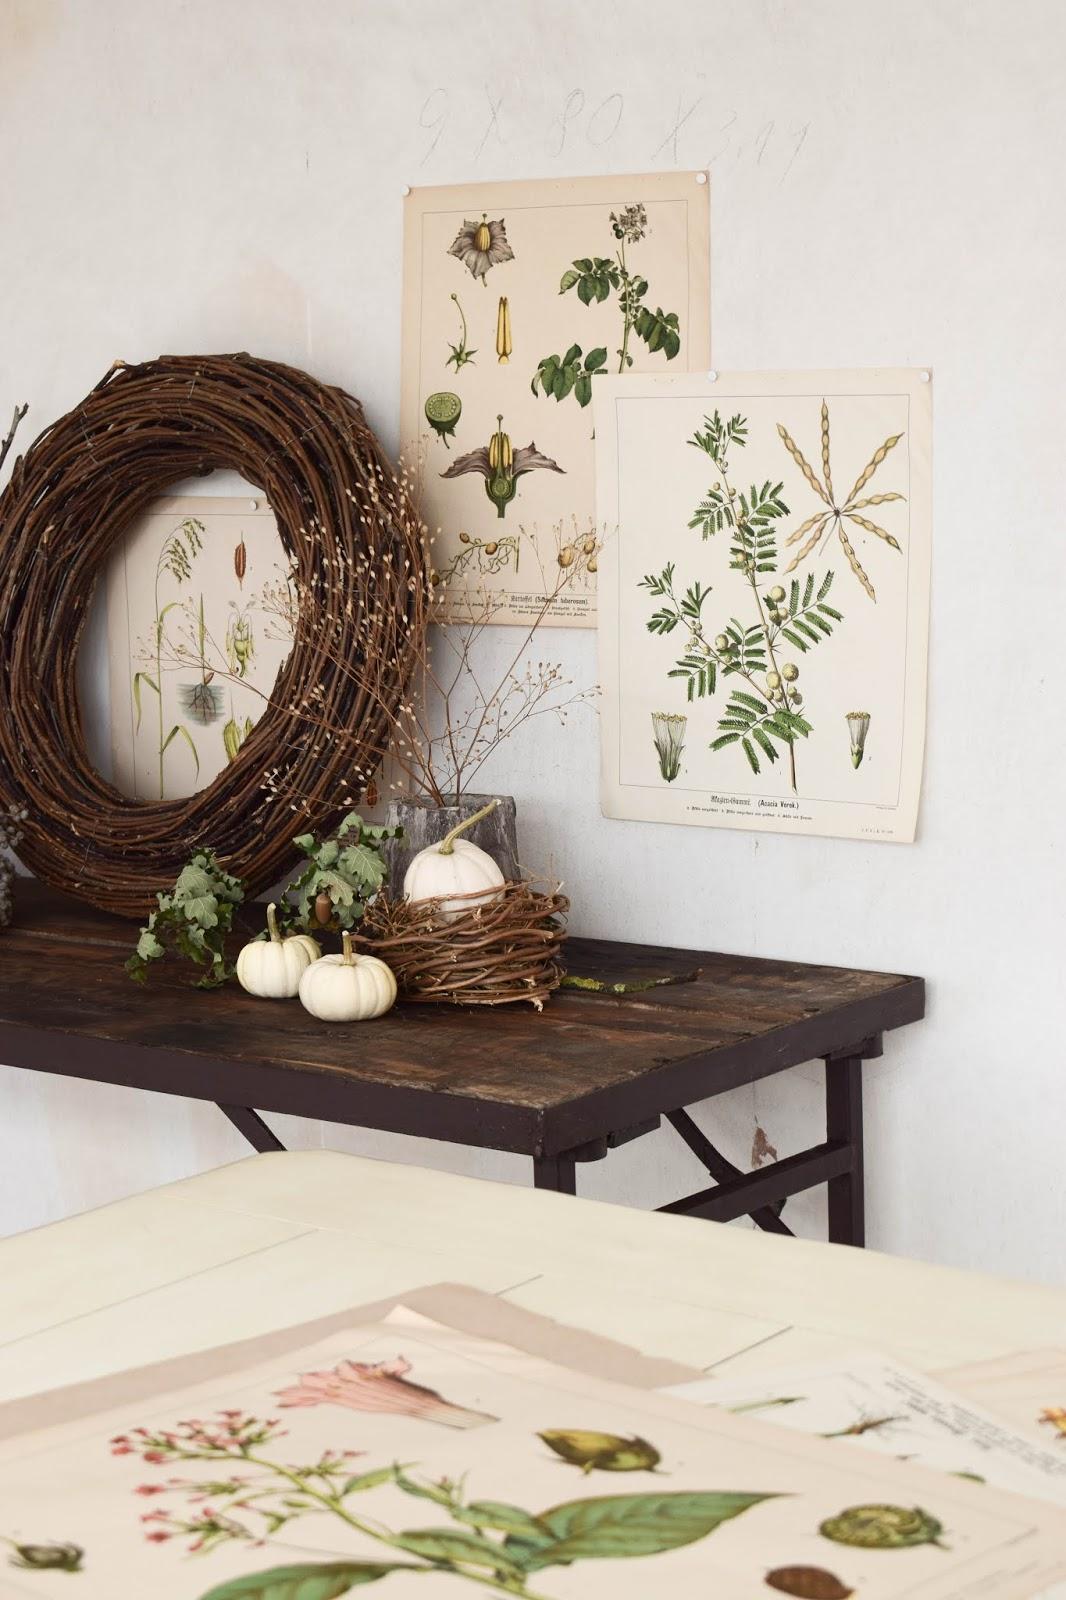 Herbstliche dekorationen f r den tisch ostseesuche com - Herbstdeko fur den tisch ...